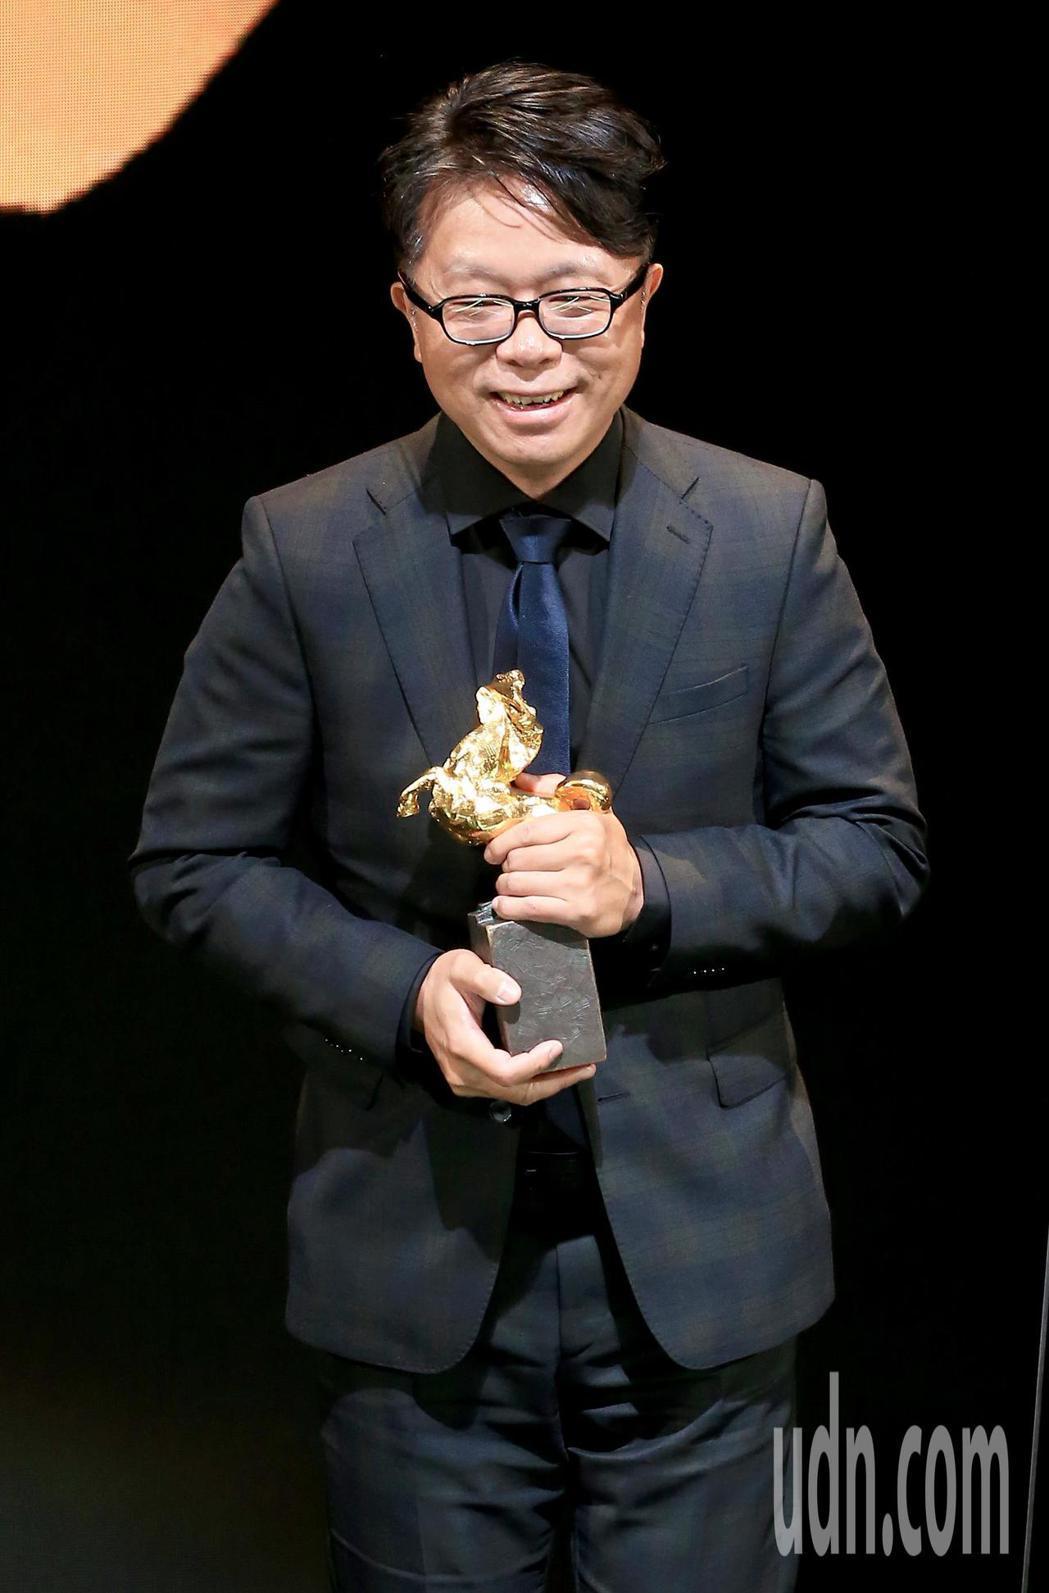 第56屆金馬獎頒獎典禮,王誌成以返校獲頒最佳美術設計獎。記者林伯東/攝影